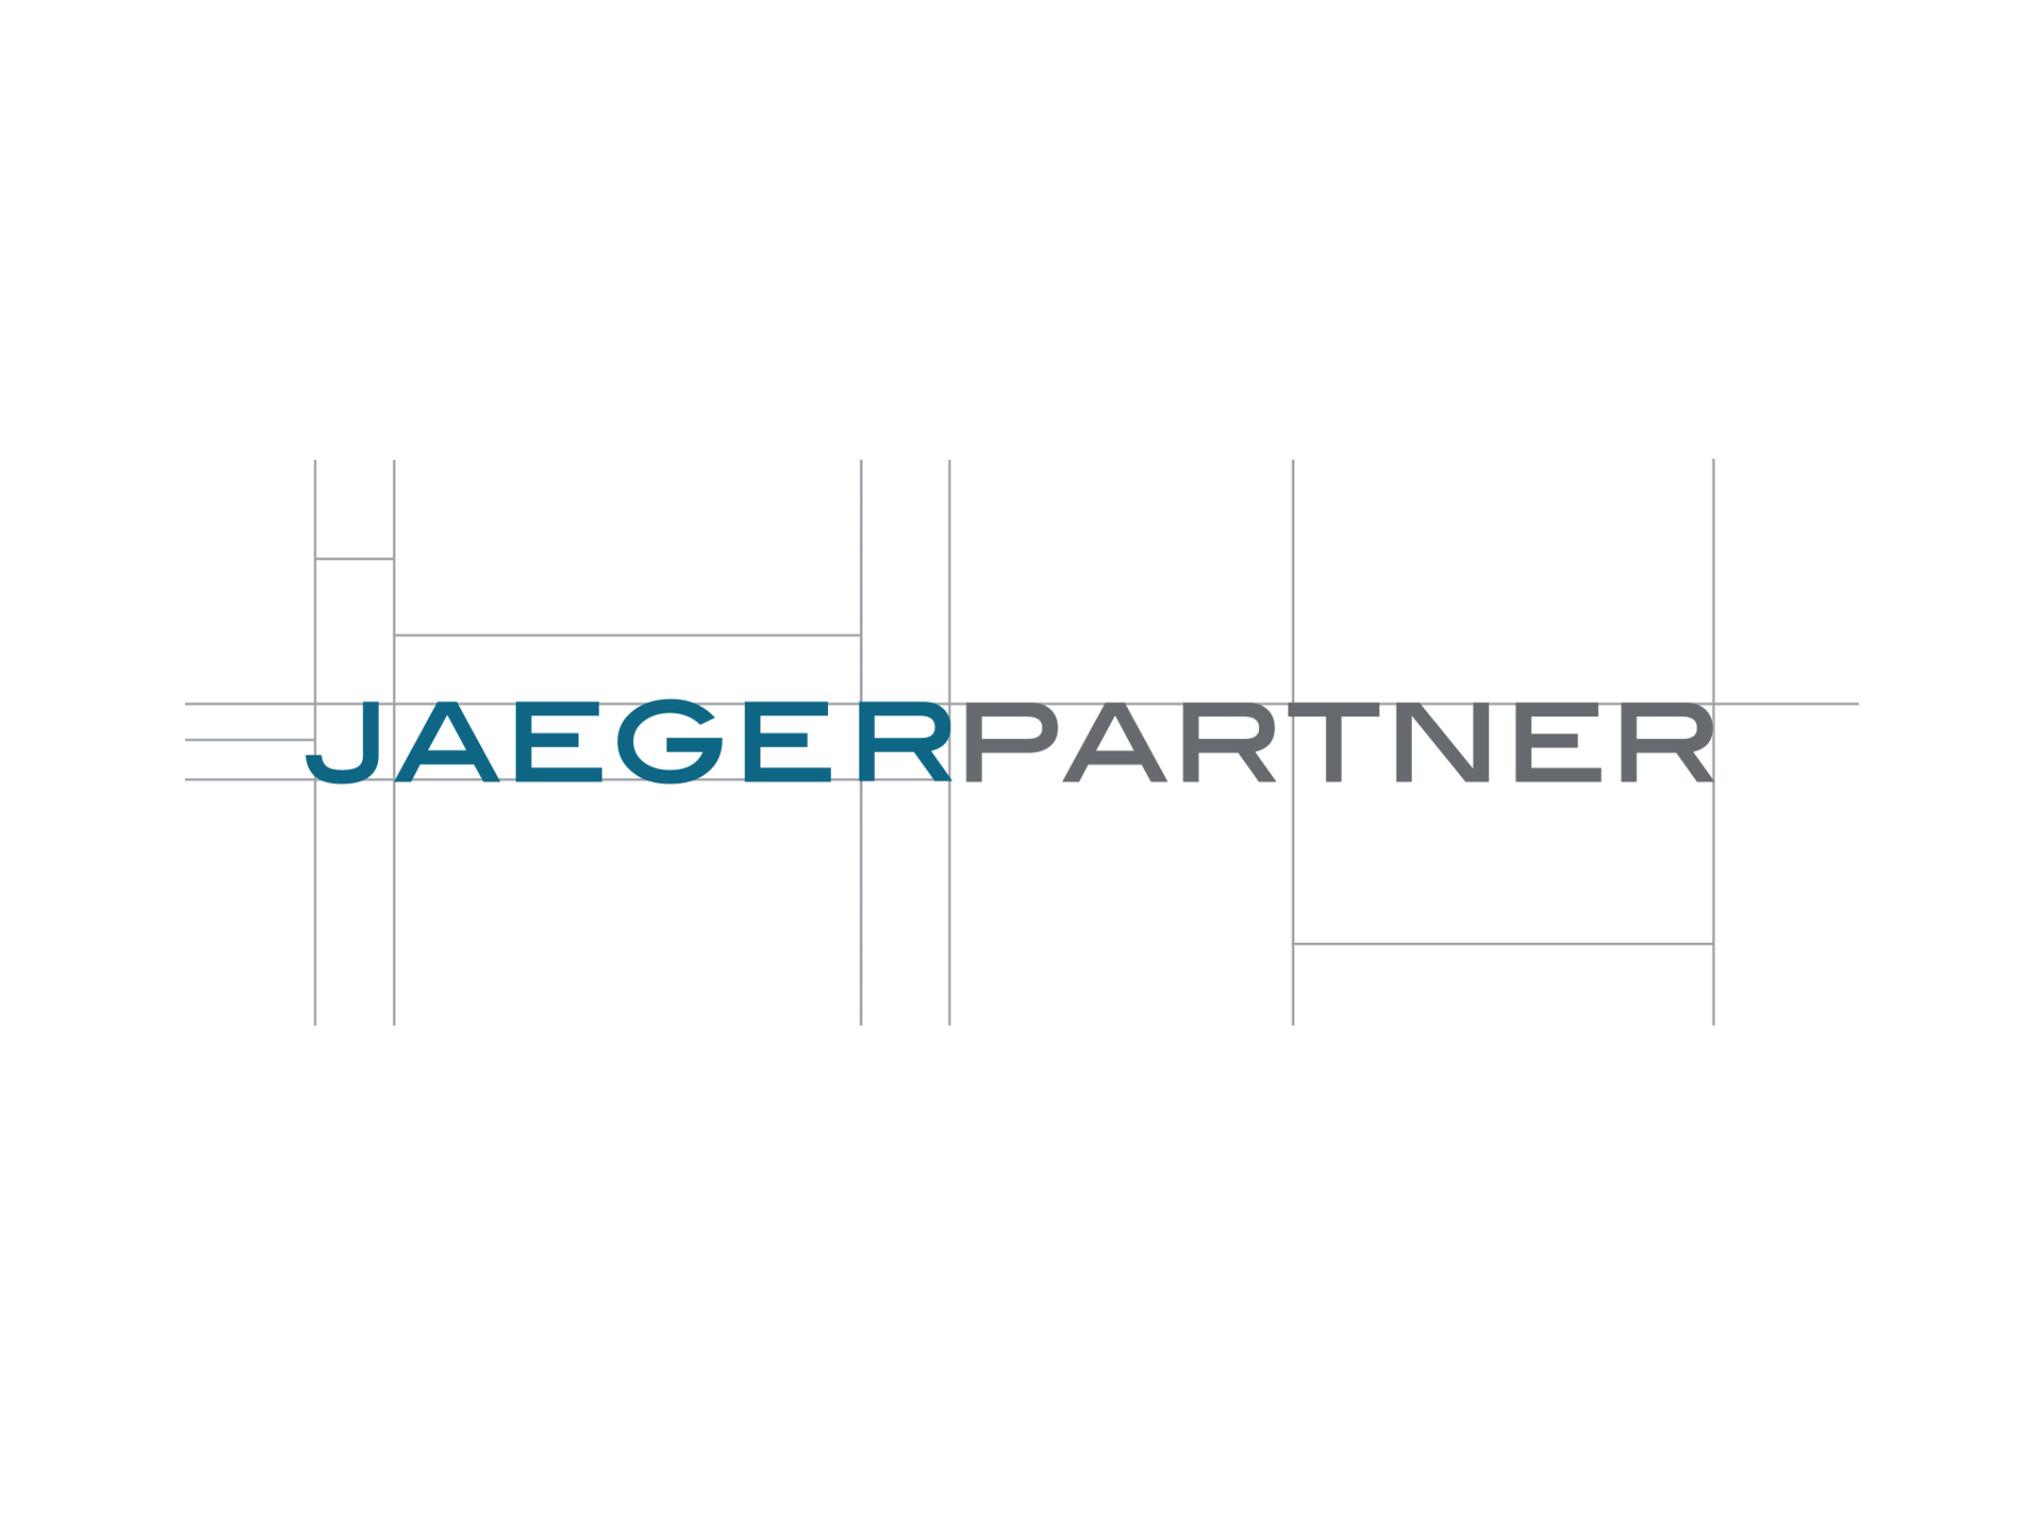 Jaegerpartner